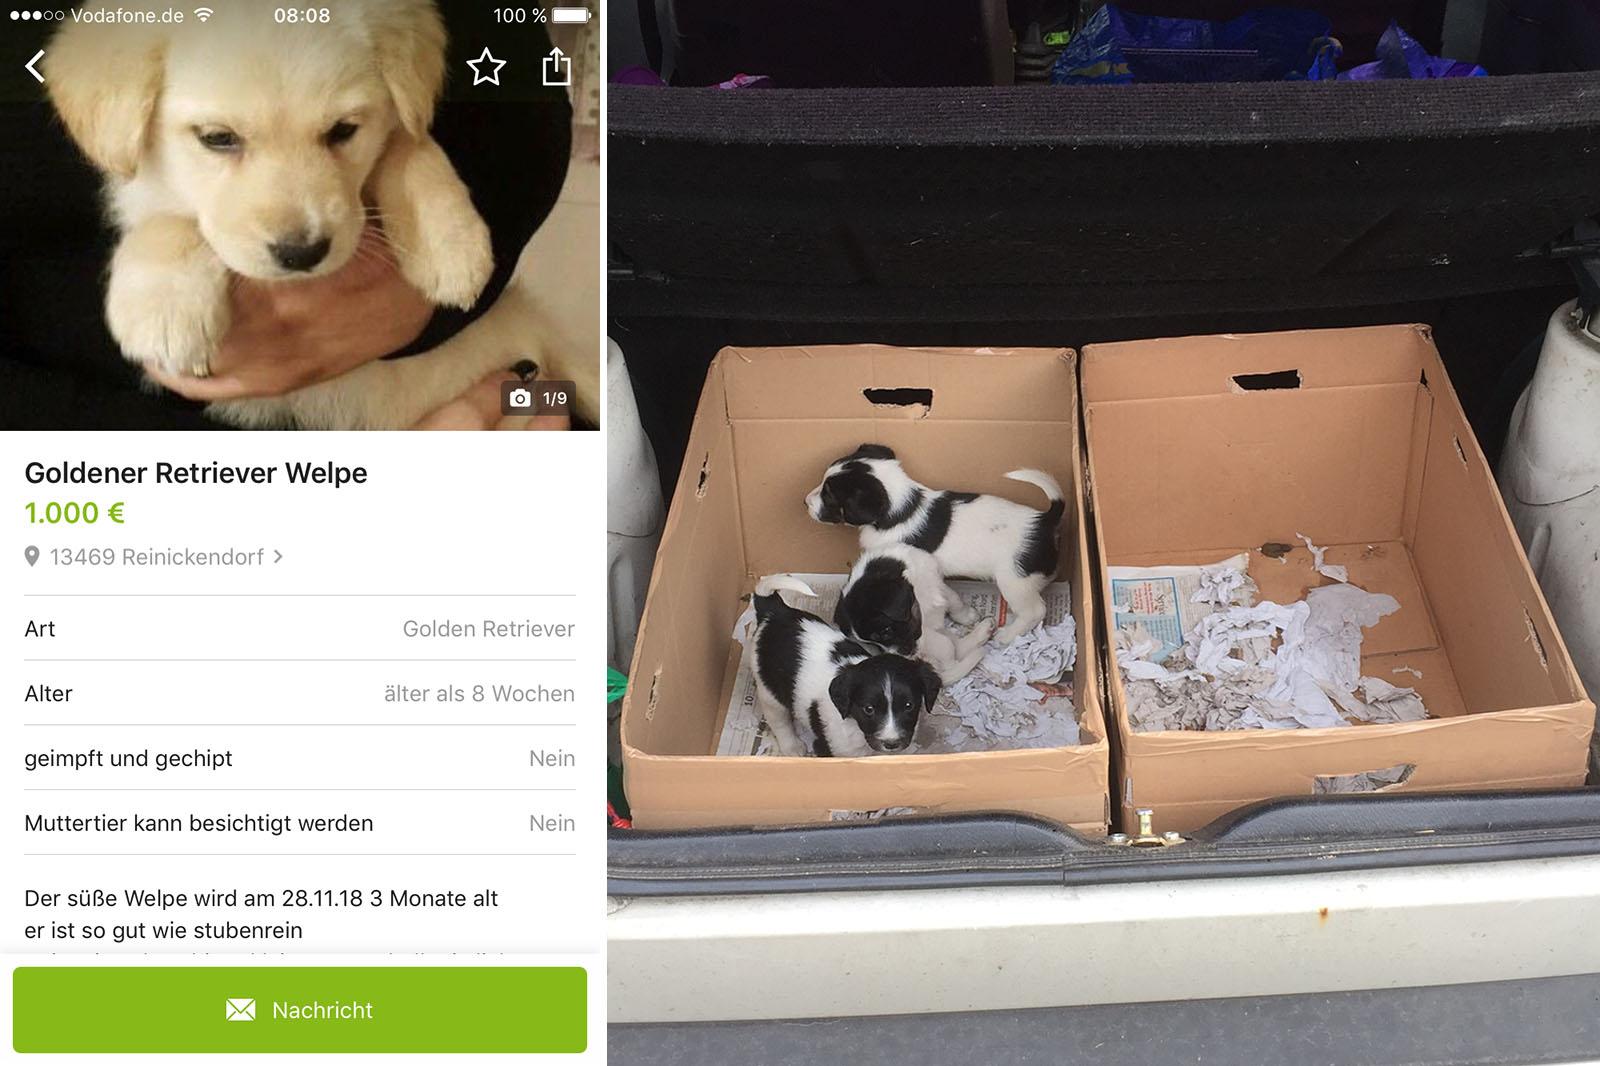 Illegalen Welpenhandel bei eBay Kleinanzeigen aufgedeckt!